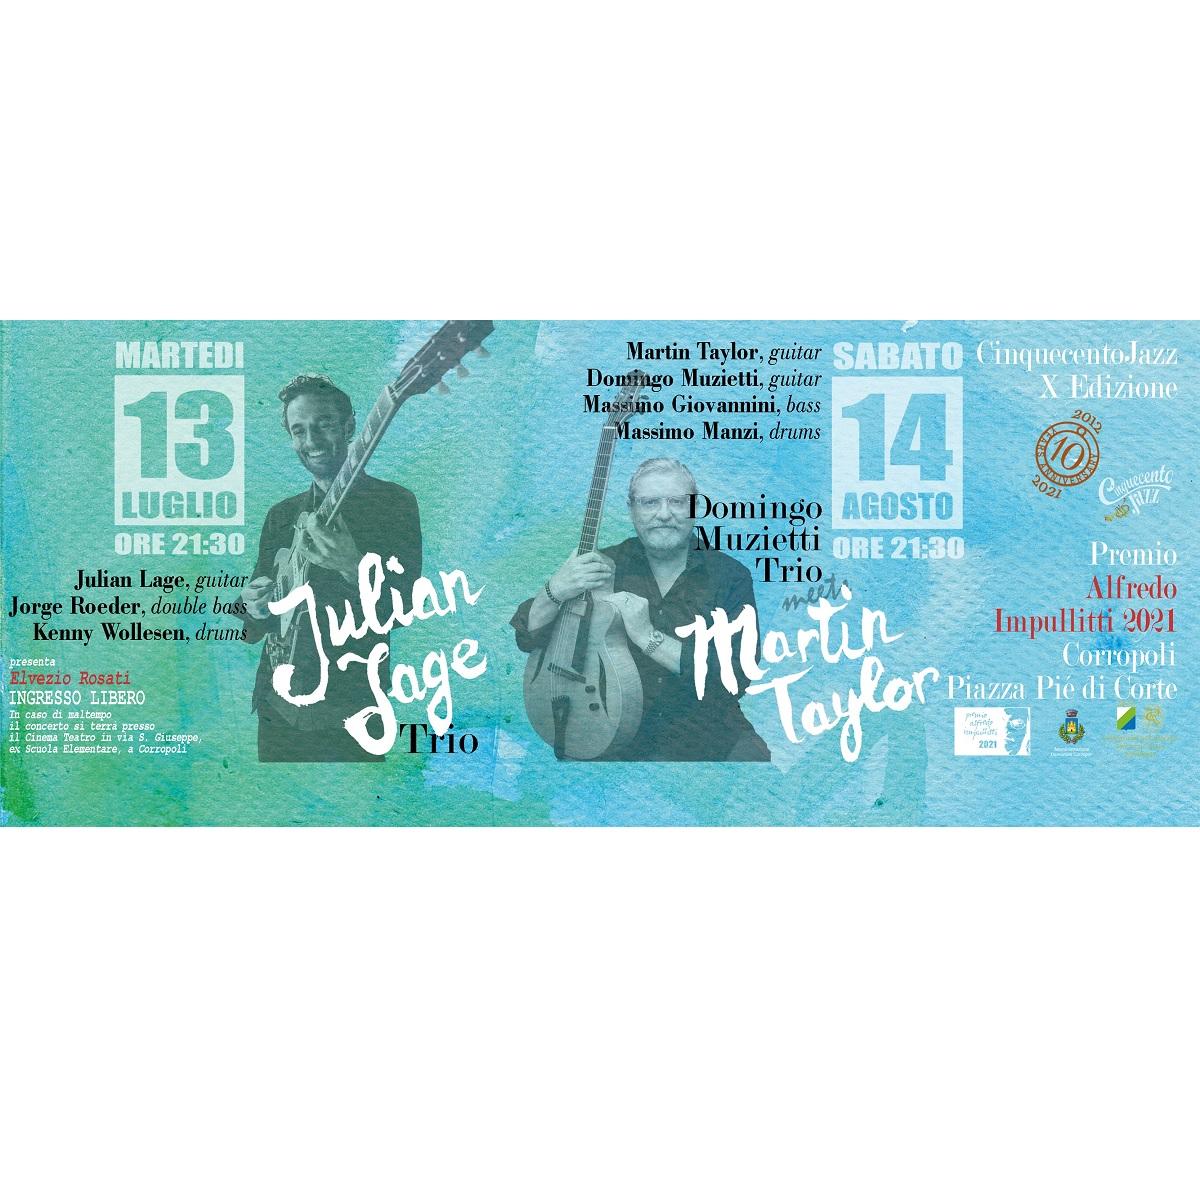 Julian Lage Trio a Corropoli 13 luglio 2021 foto